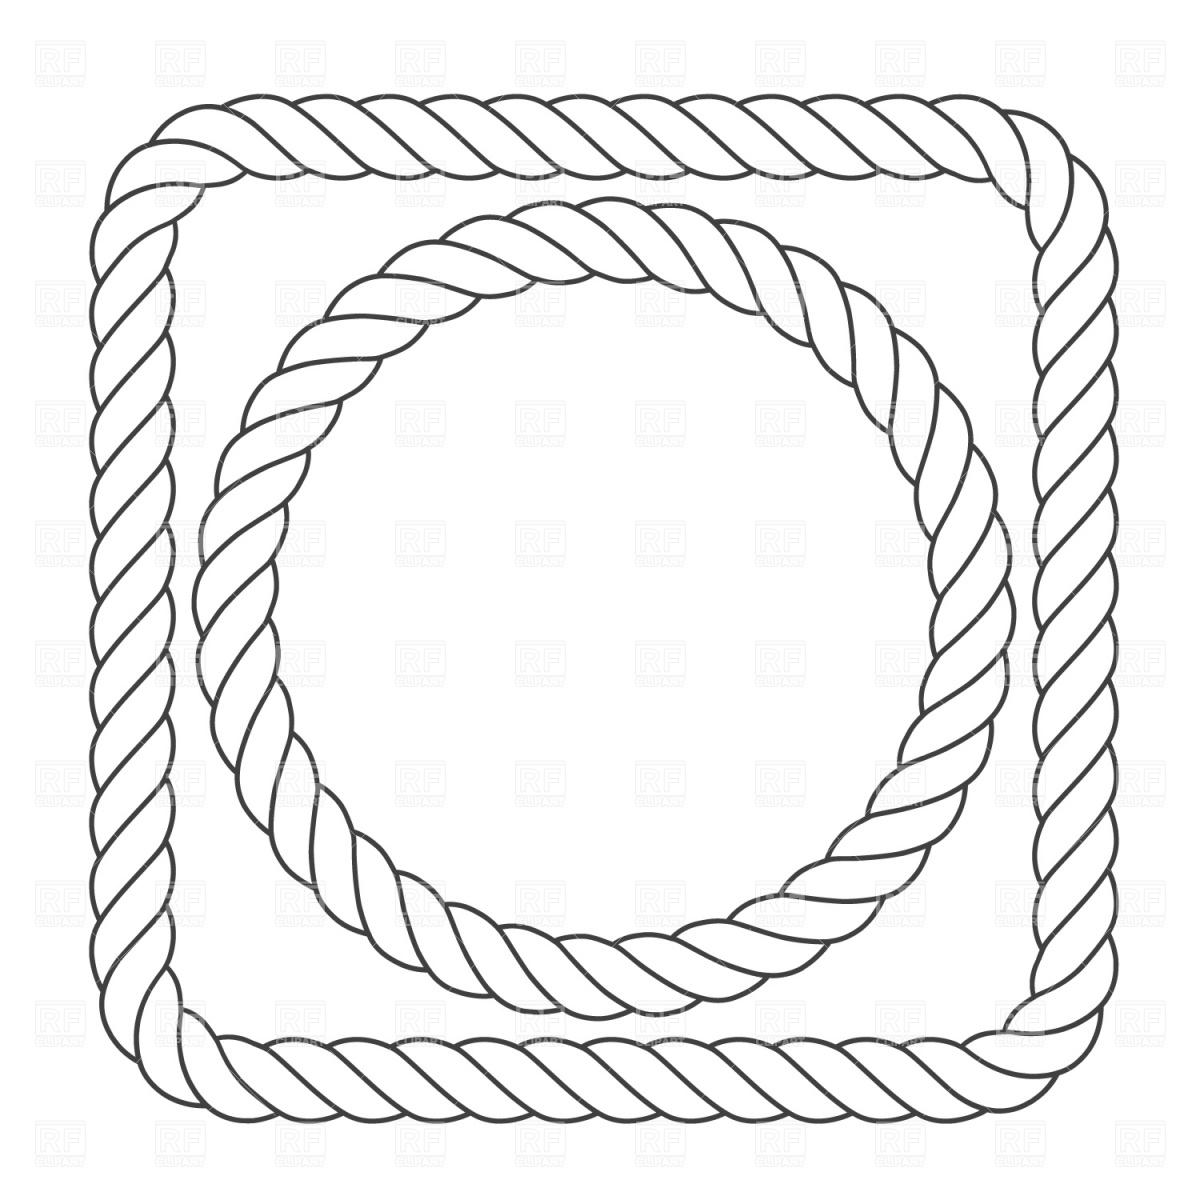 Clipart Rope Border Circle